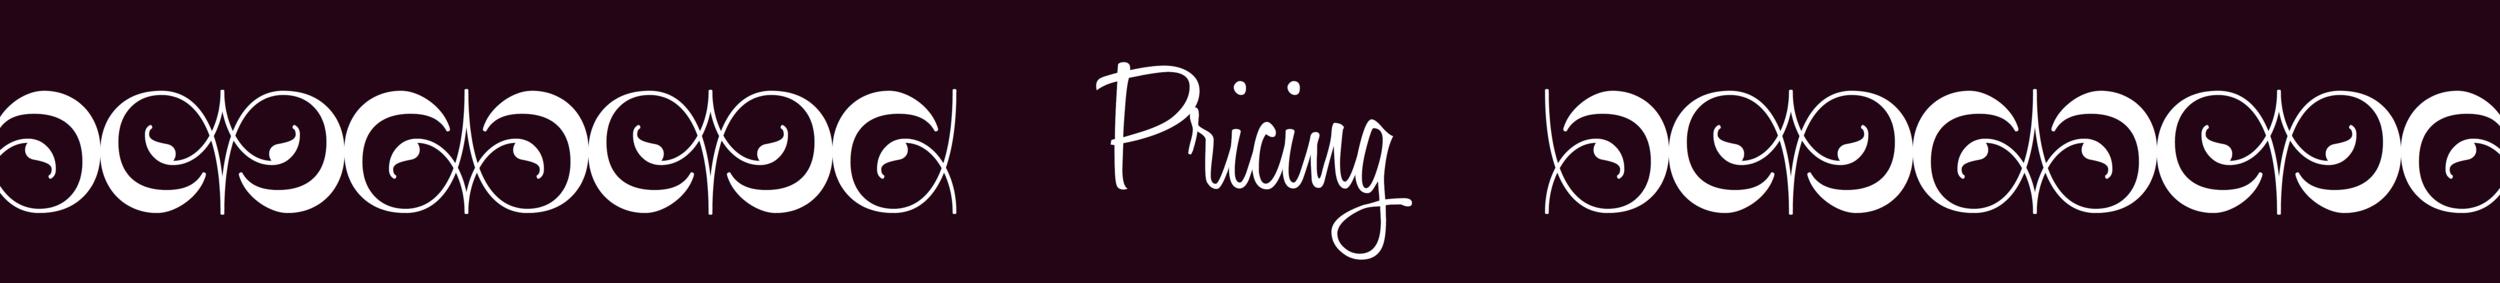 pricingheader.png